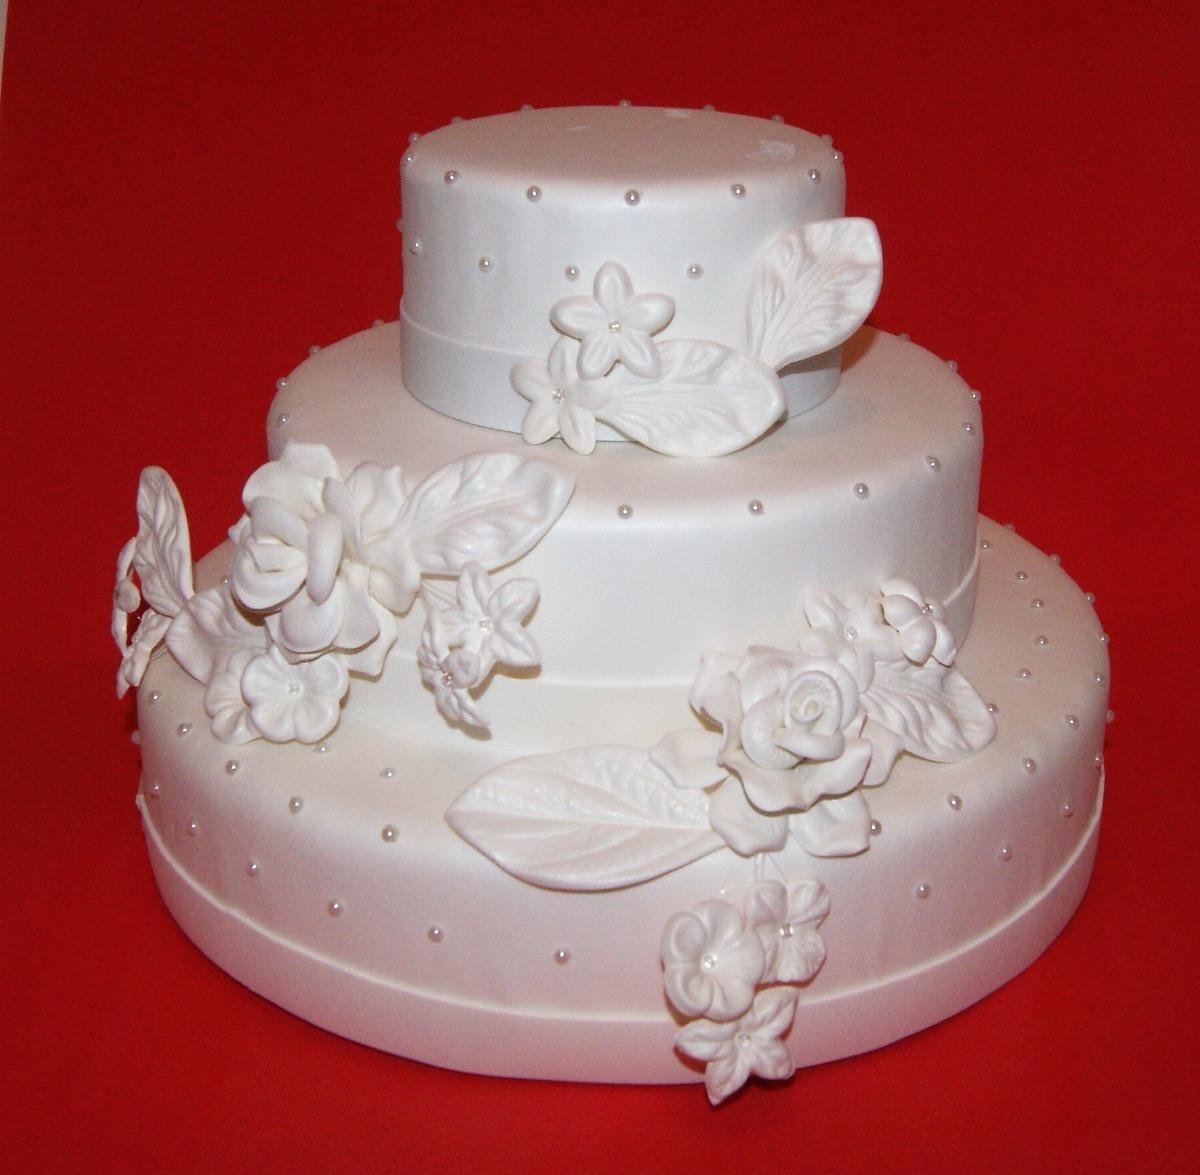 Maquetes bolo 15 anos no mercado livre brasil bolo fake 3 andares de casamento 15 anos maquete de festa altavistaventures Images